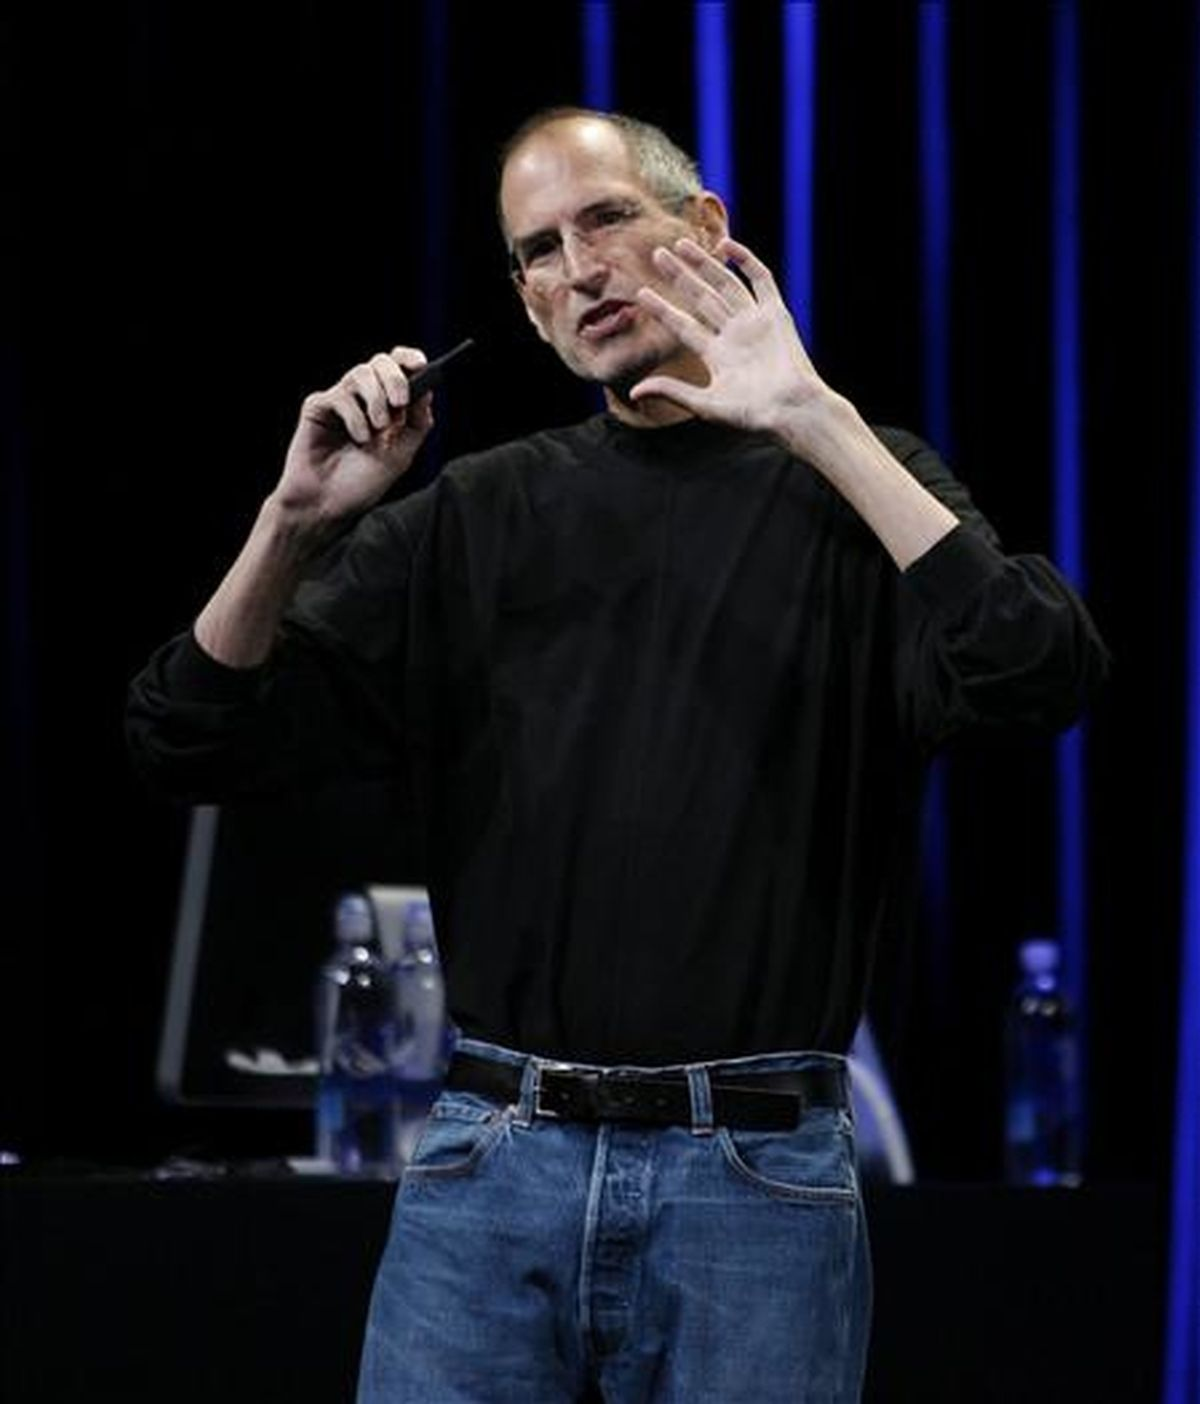 Steve Jobs controla unos 5.426 millones de acciones de Apple, compañía que cofundó en los años ochenta, y unos 138 millones de Disney que recibió cuando este grupo adquirió la productora Pixar, también fundada por él. EFE/Archivo